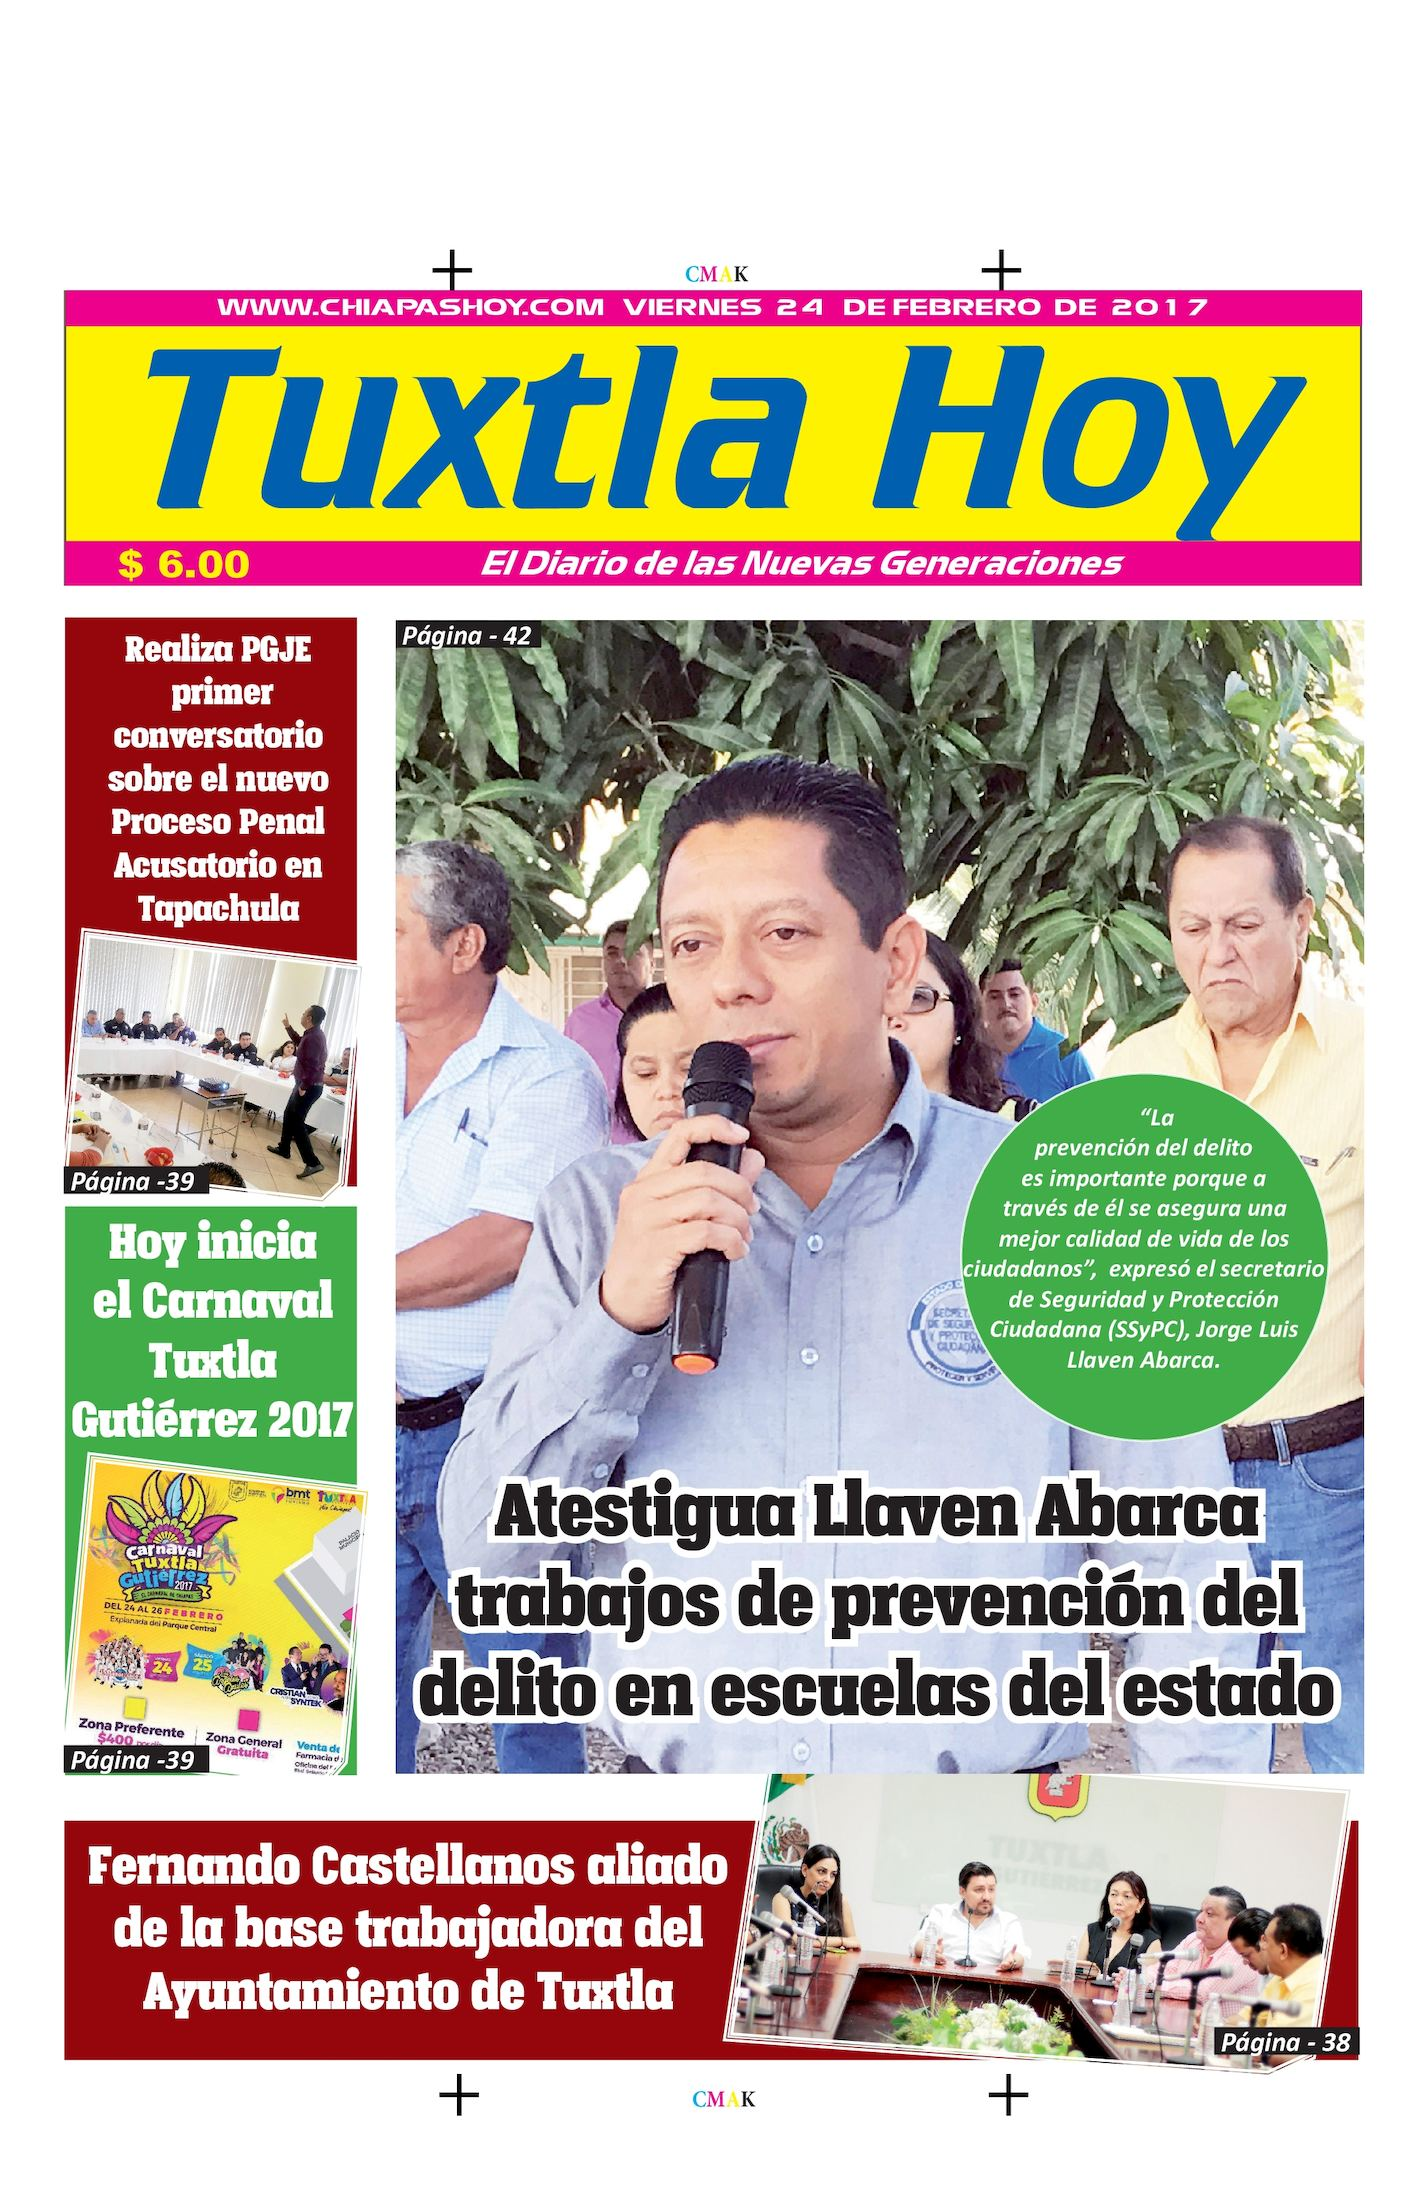 TUXTLA 24 DE FEBRERO